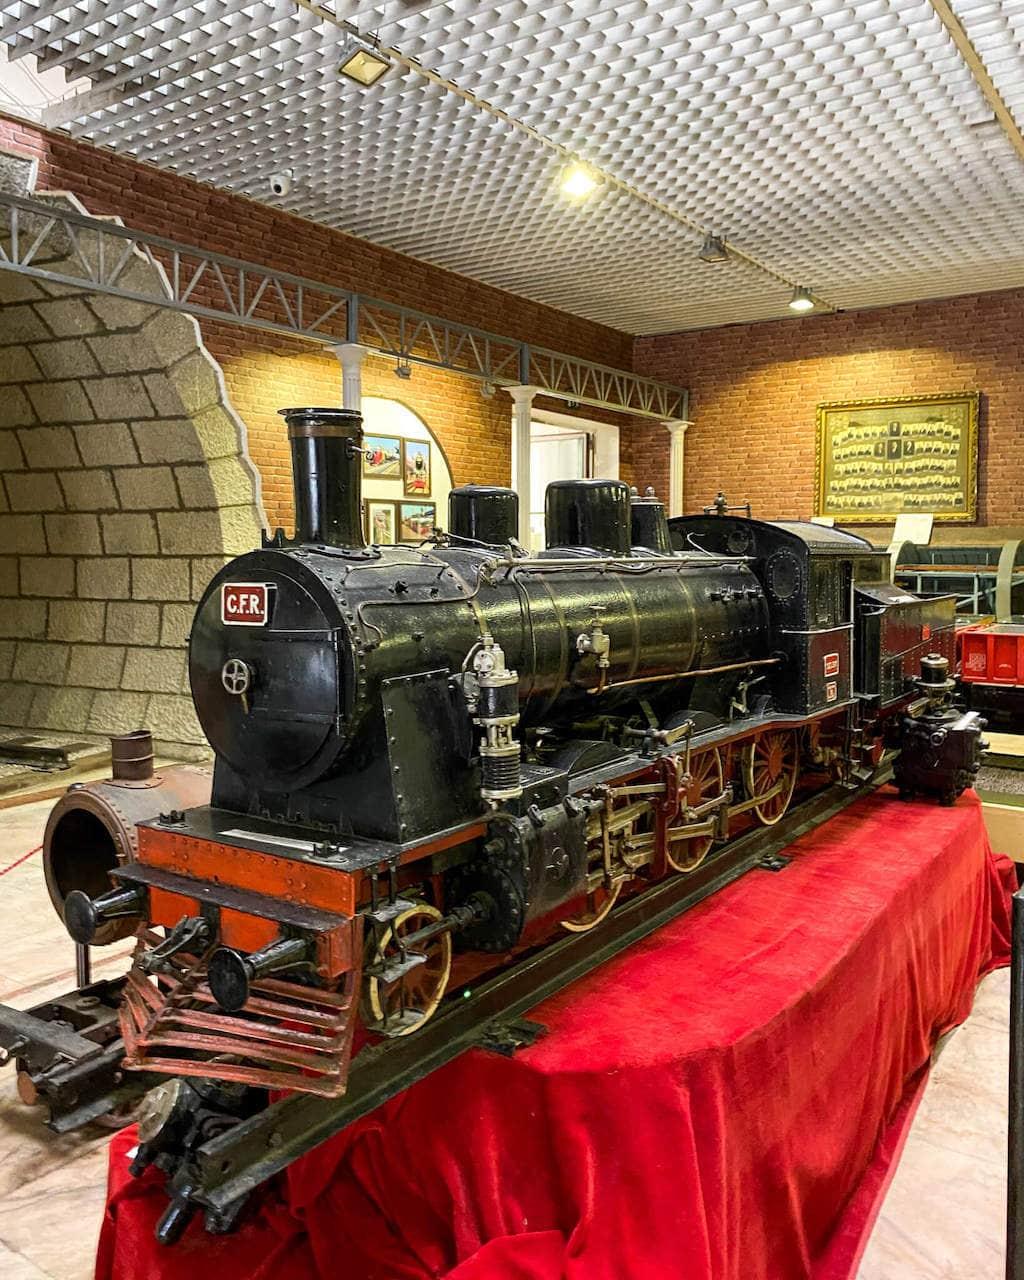 muzeul-cfr-bucuresti-trenulete-gara-de-nord-locul-de-la-geam-1